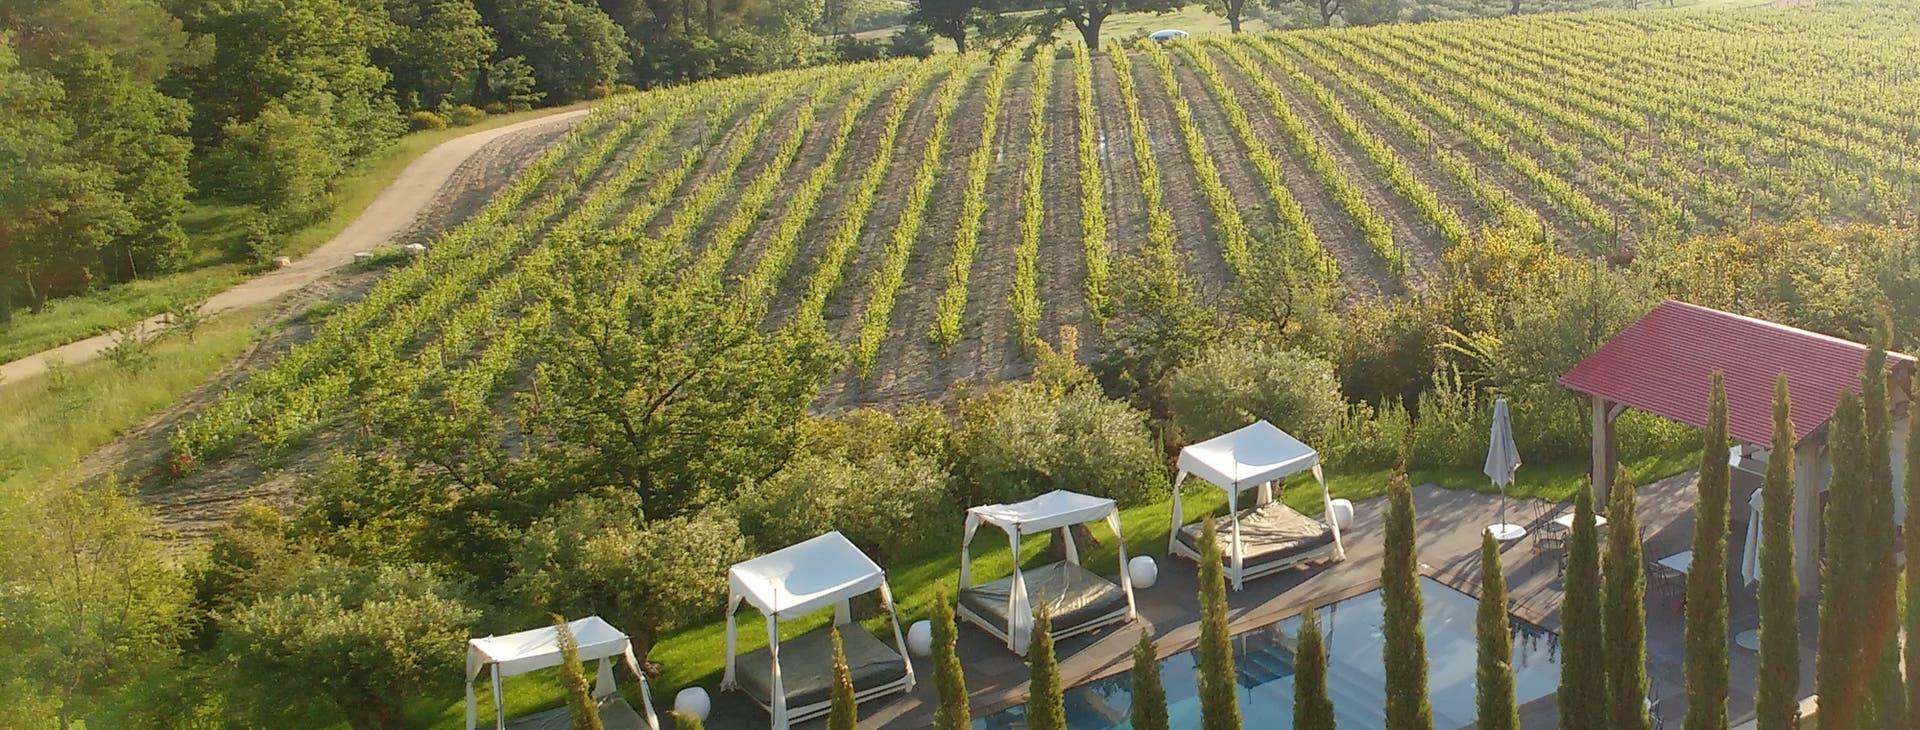 Tintos Mediterráneos. Los flamantes vinos que renuevan la góndola local